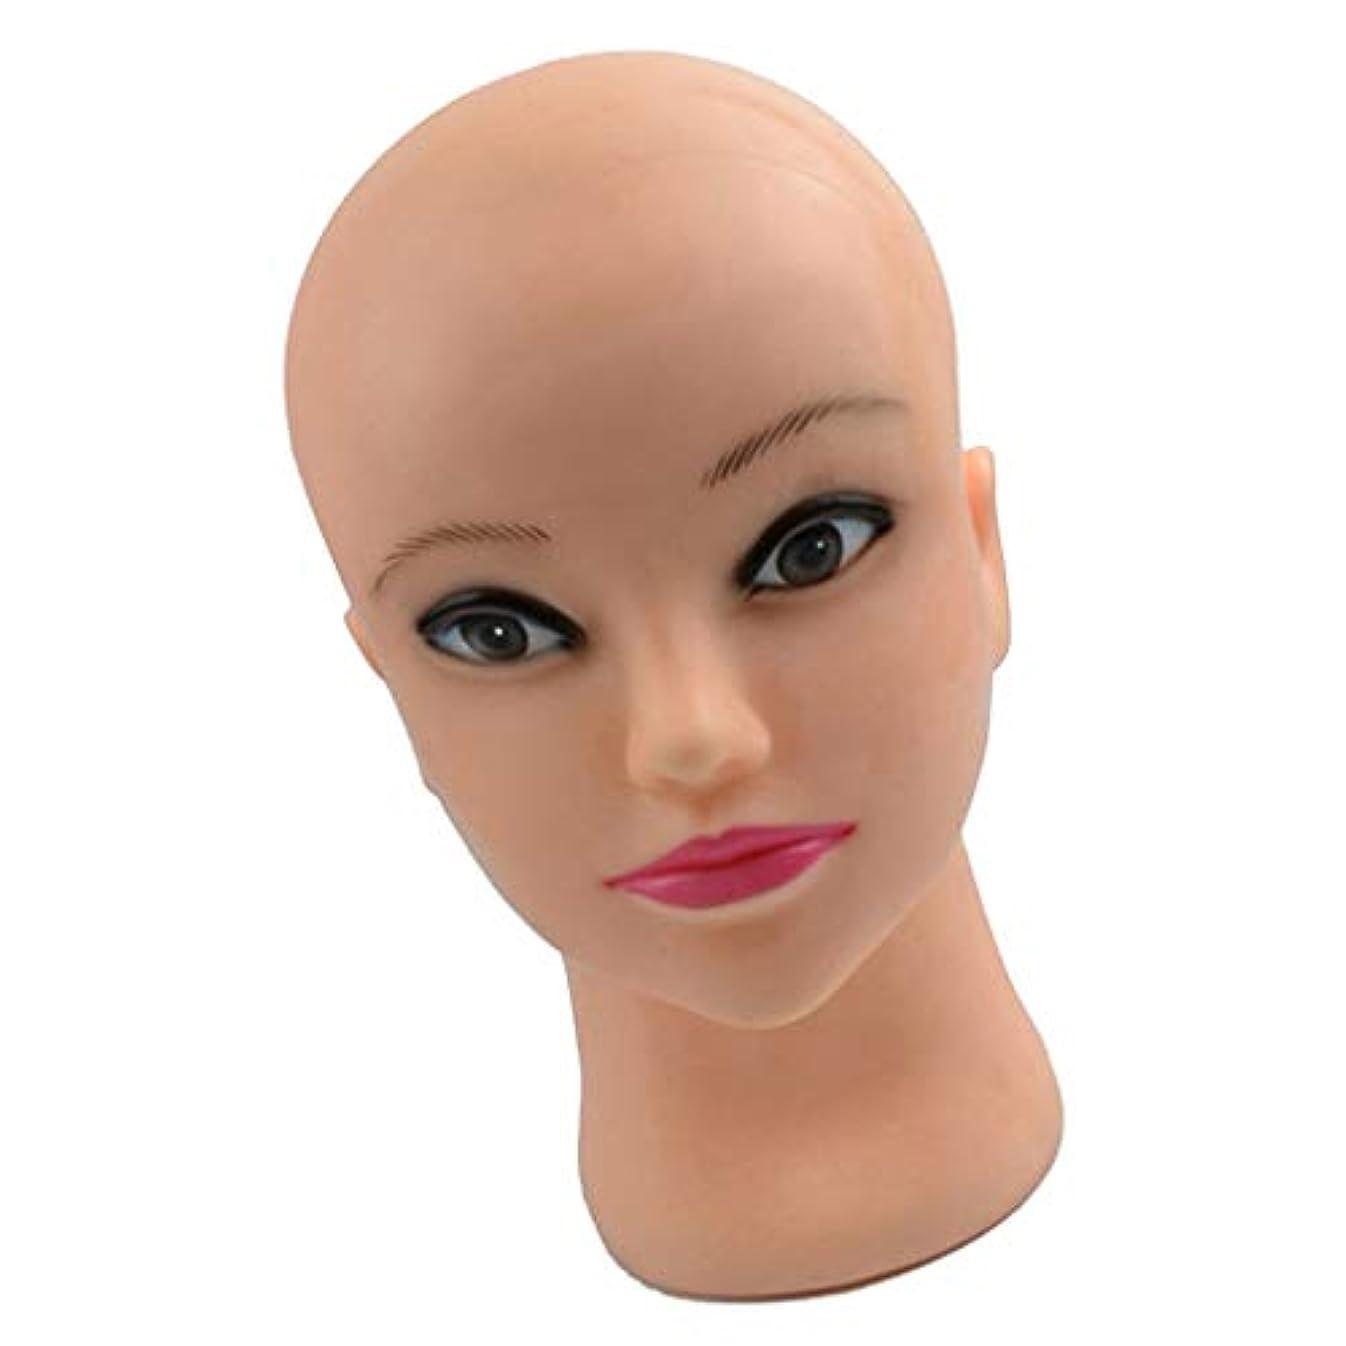 投資する上へ注意マネキンヘッド メイク 化粧練習 シリコーン メイク練習用 モデル 美容室用 トレーニングに